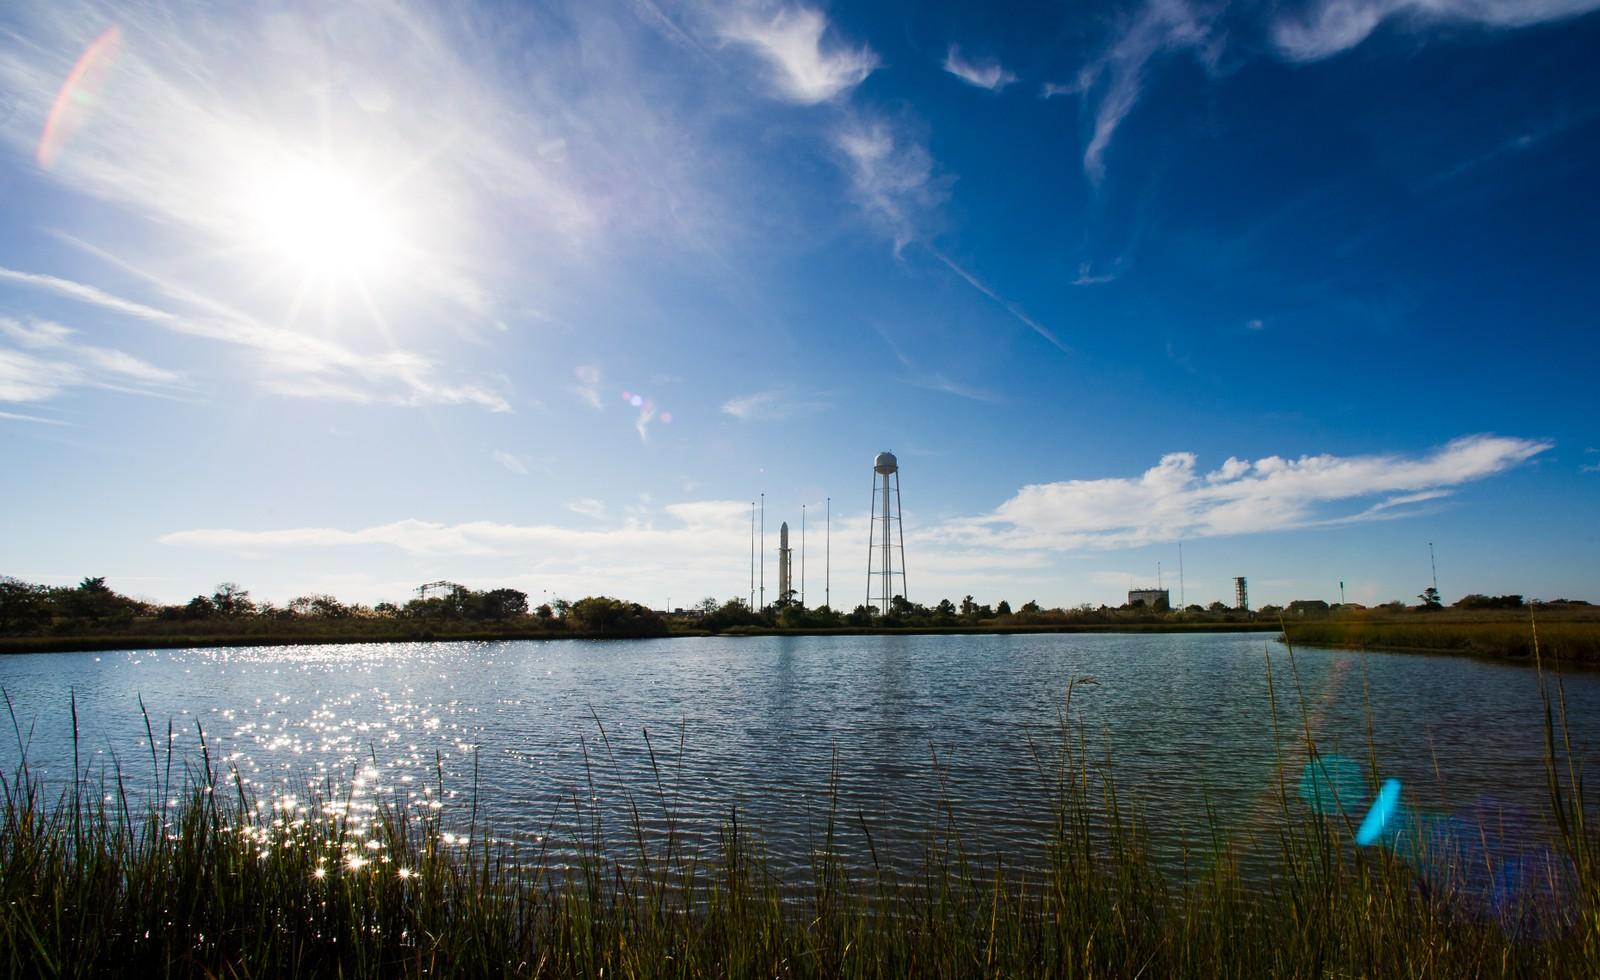 Tirsdag 28. oktober 2014 begynte som en god dag på Wallops Island i Virginia. Antaresraketten med romfartøyet Cygnus på toppen var klar til oppskytning. Raketten skulle sende 2296 kilo med forsyninger til Den internasjonale romstasjonen. Dette var tredje gangen det private selskapet Orbital Sciences Corporation skulle gjennomføre en slik oppskytning på kontrakt fra den amerikanske romfartsorganisasjonen NASA.